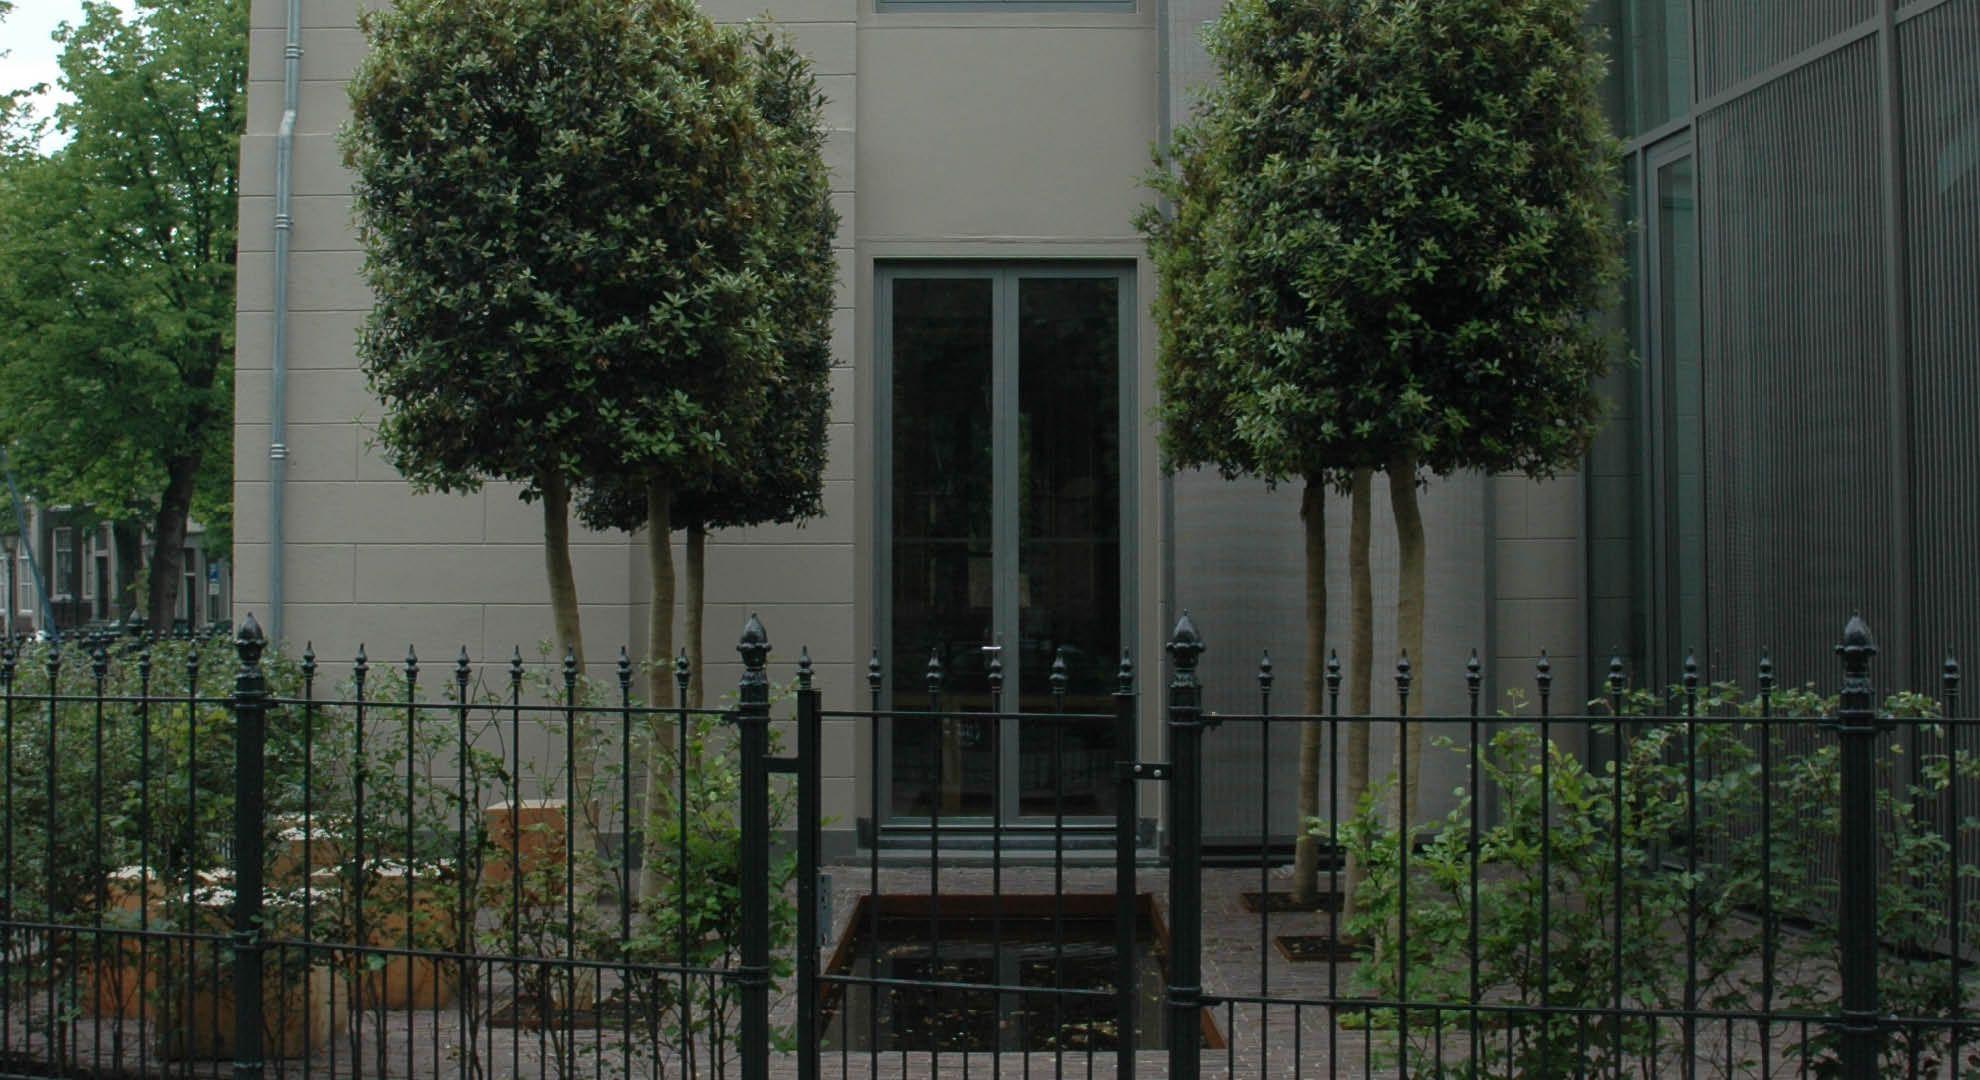 Rodenburg tuinen kantoortuin in dordrecht spiegelvijver met cortenstalen rand quercus ilex of - Geplaveid voor allee tuin ...